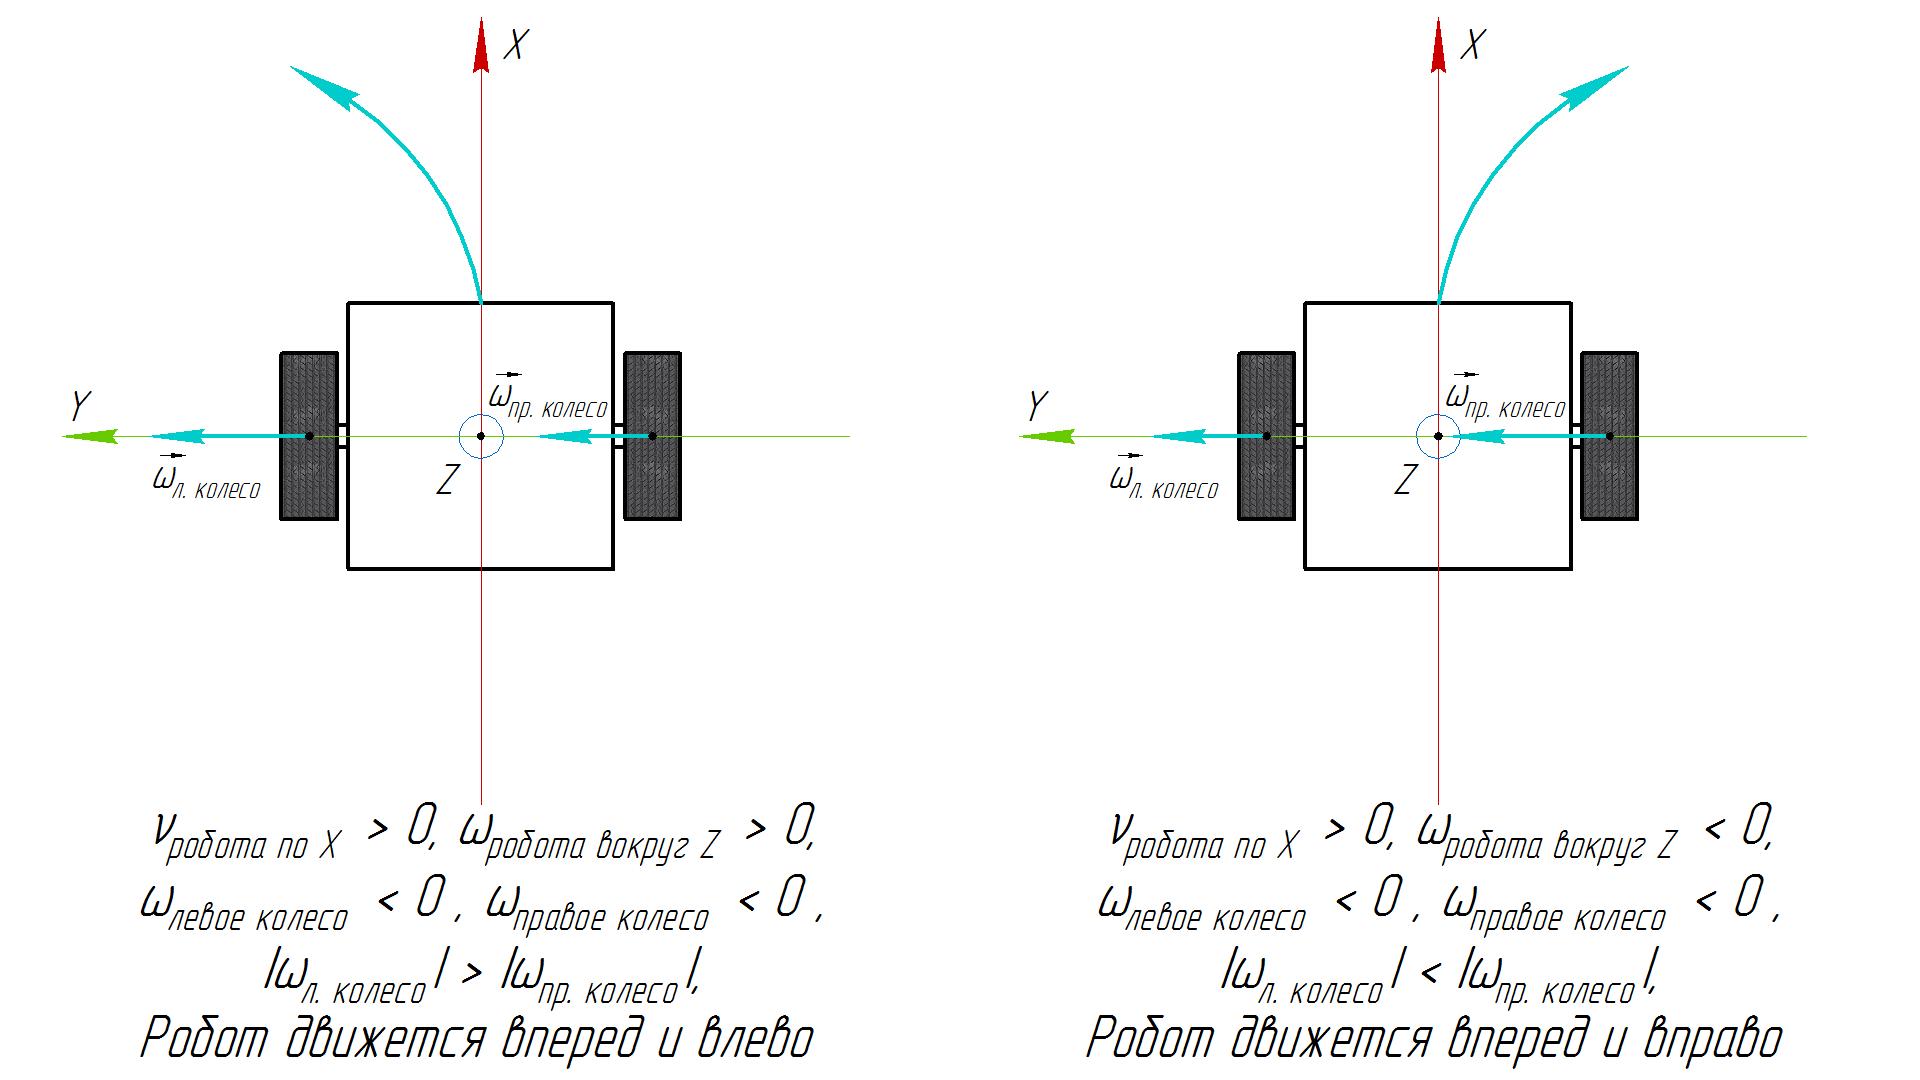 part_1_ru_robot_drive_1_scheme_2.png